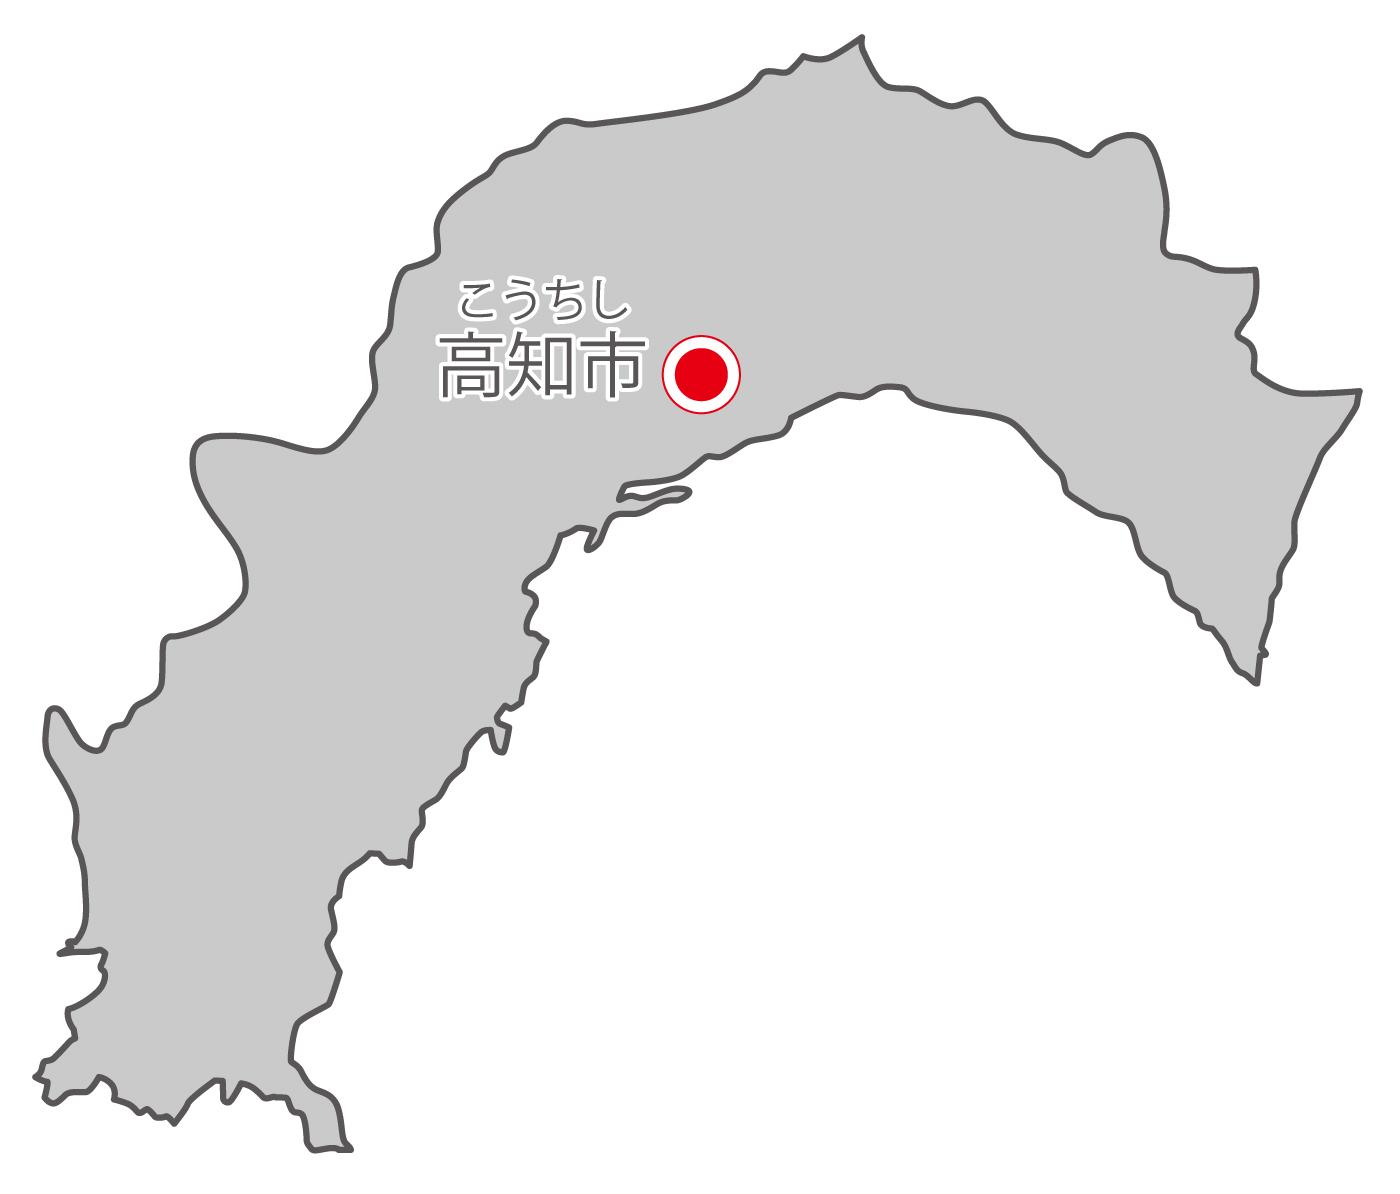 高知県無料フリーイラスト|日本語・県庁所在地あり・ルビあり(グレー)